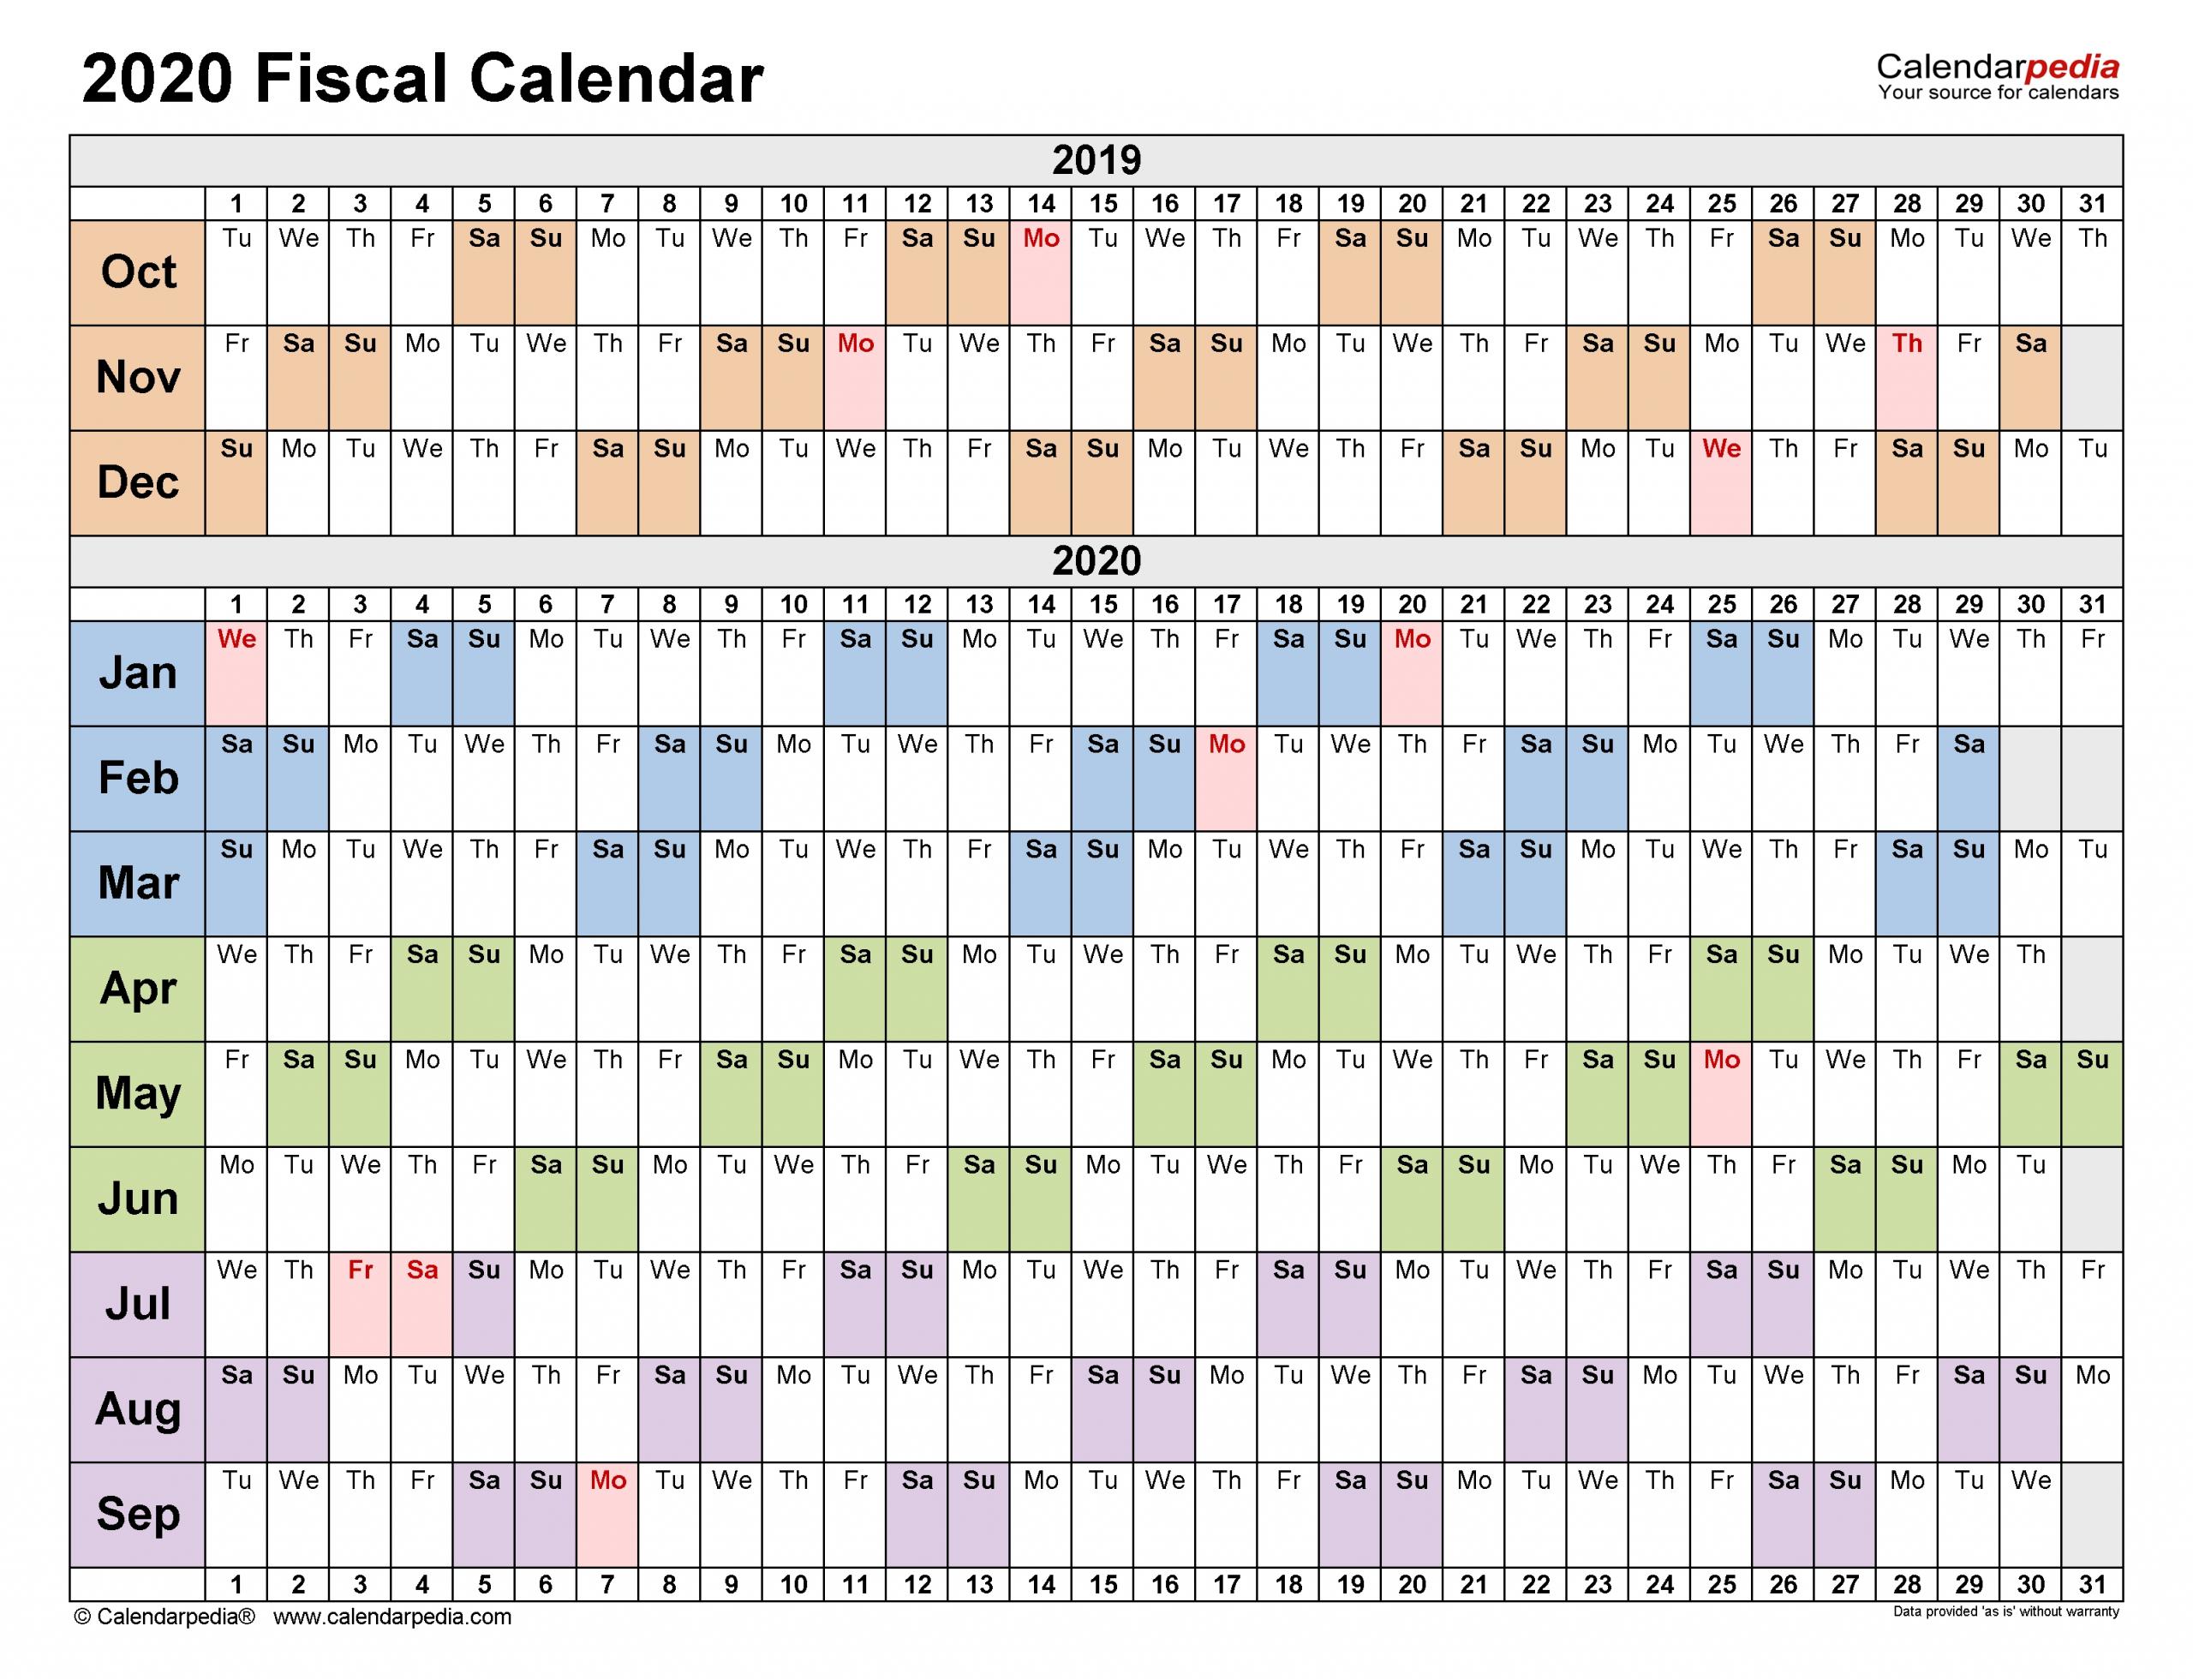 cisco fiscal year calendar 2021   calendar page